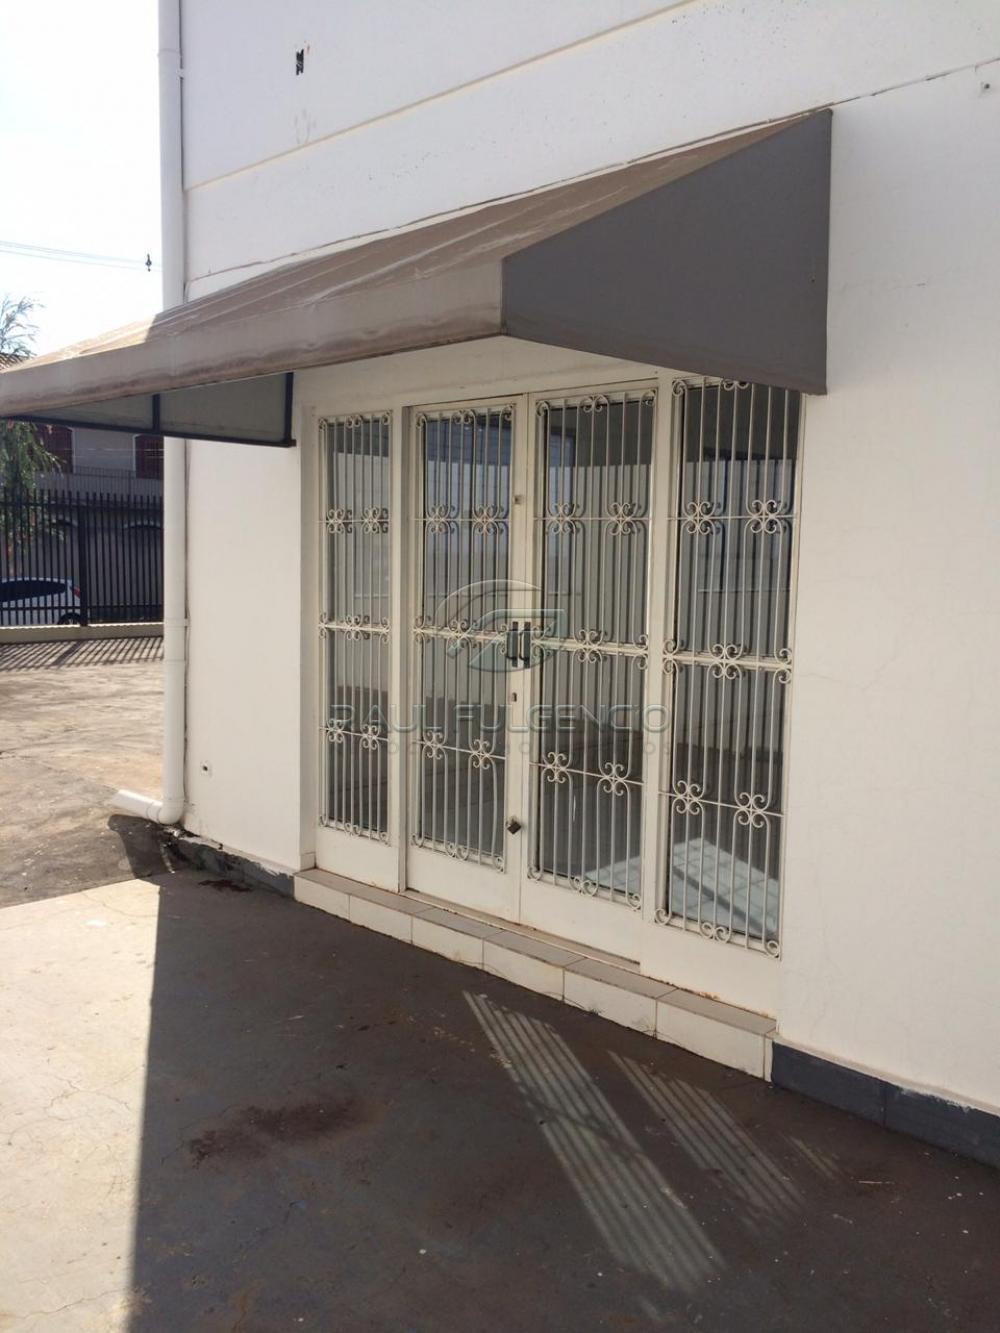 Alugar Comercial / Sala em Londrina apenas R$ 2.750,00 - Foto 2